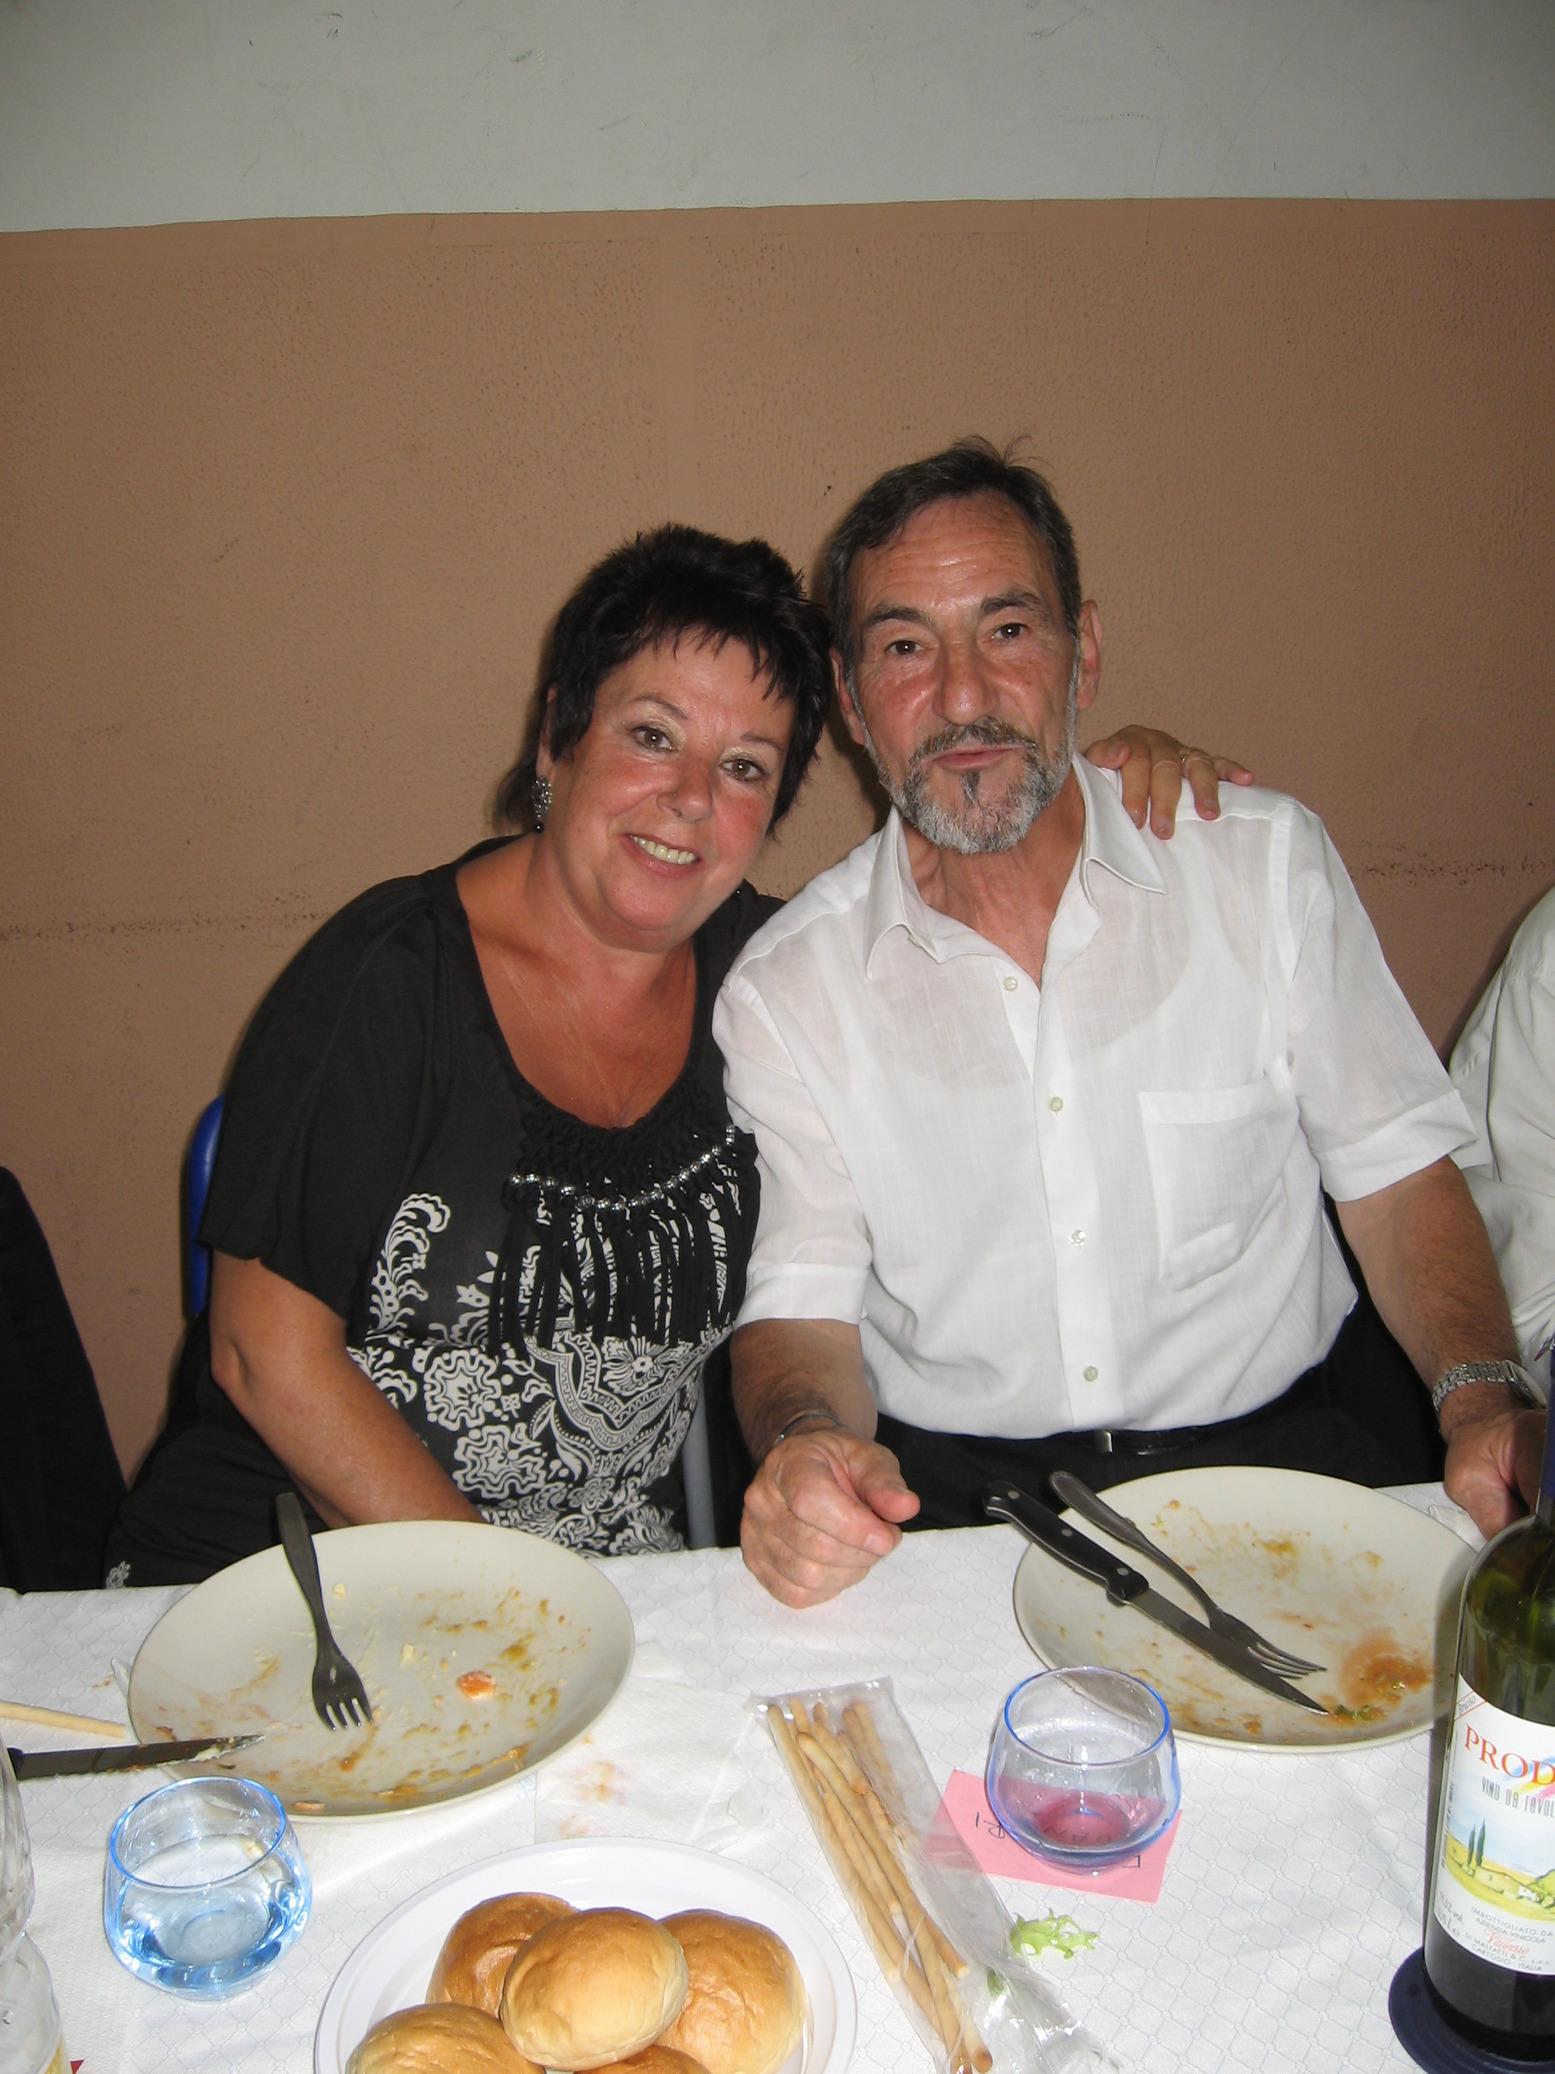 Anniversari_Matrimonio_2010-06-13--13.51.09